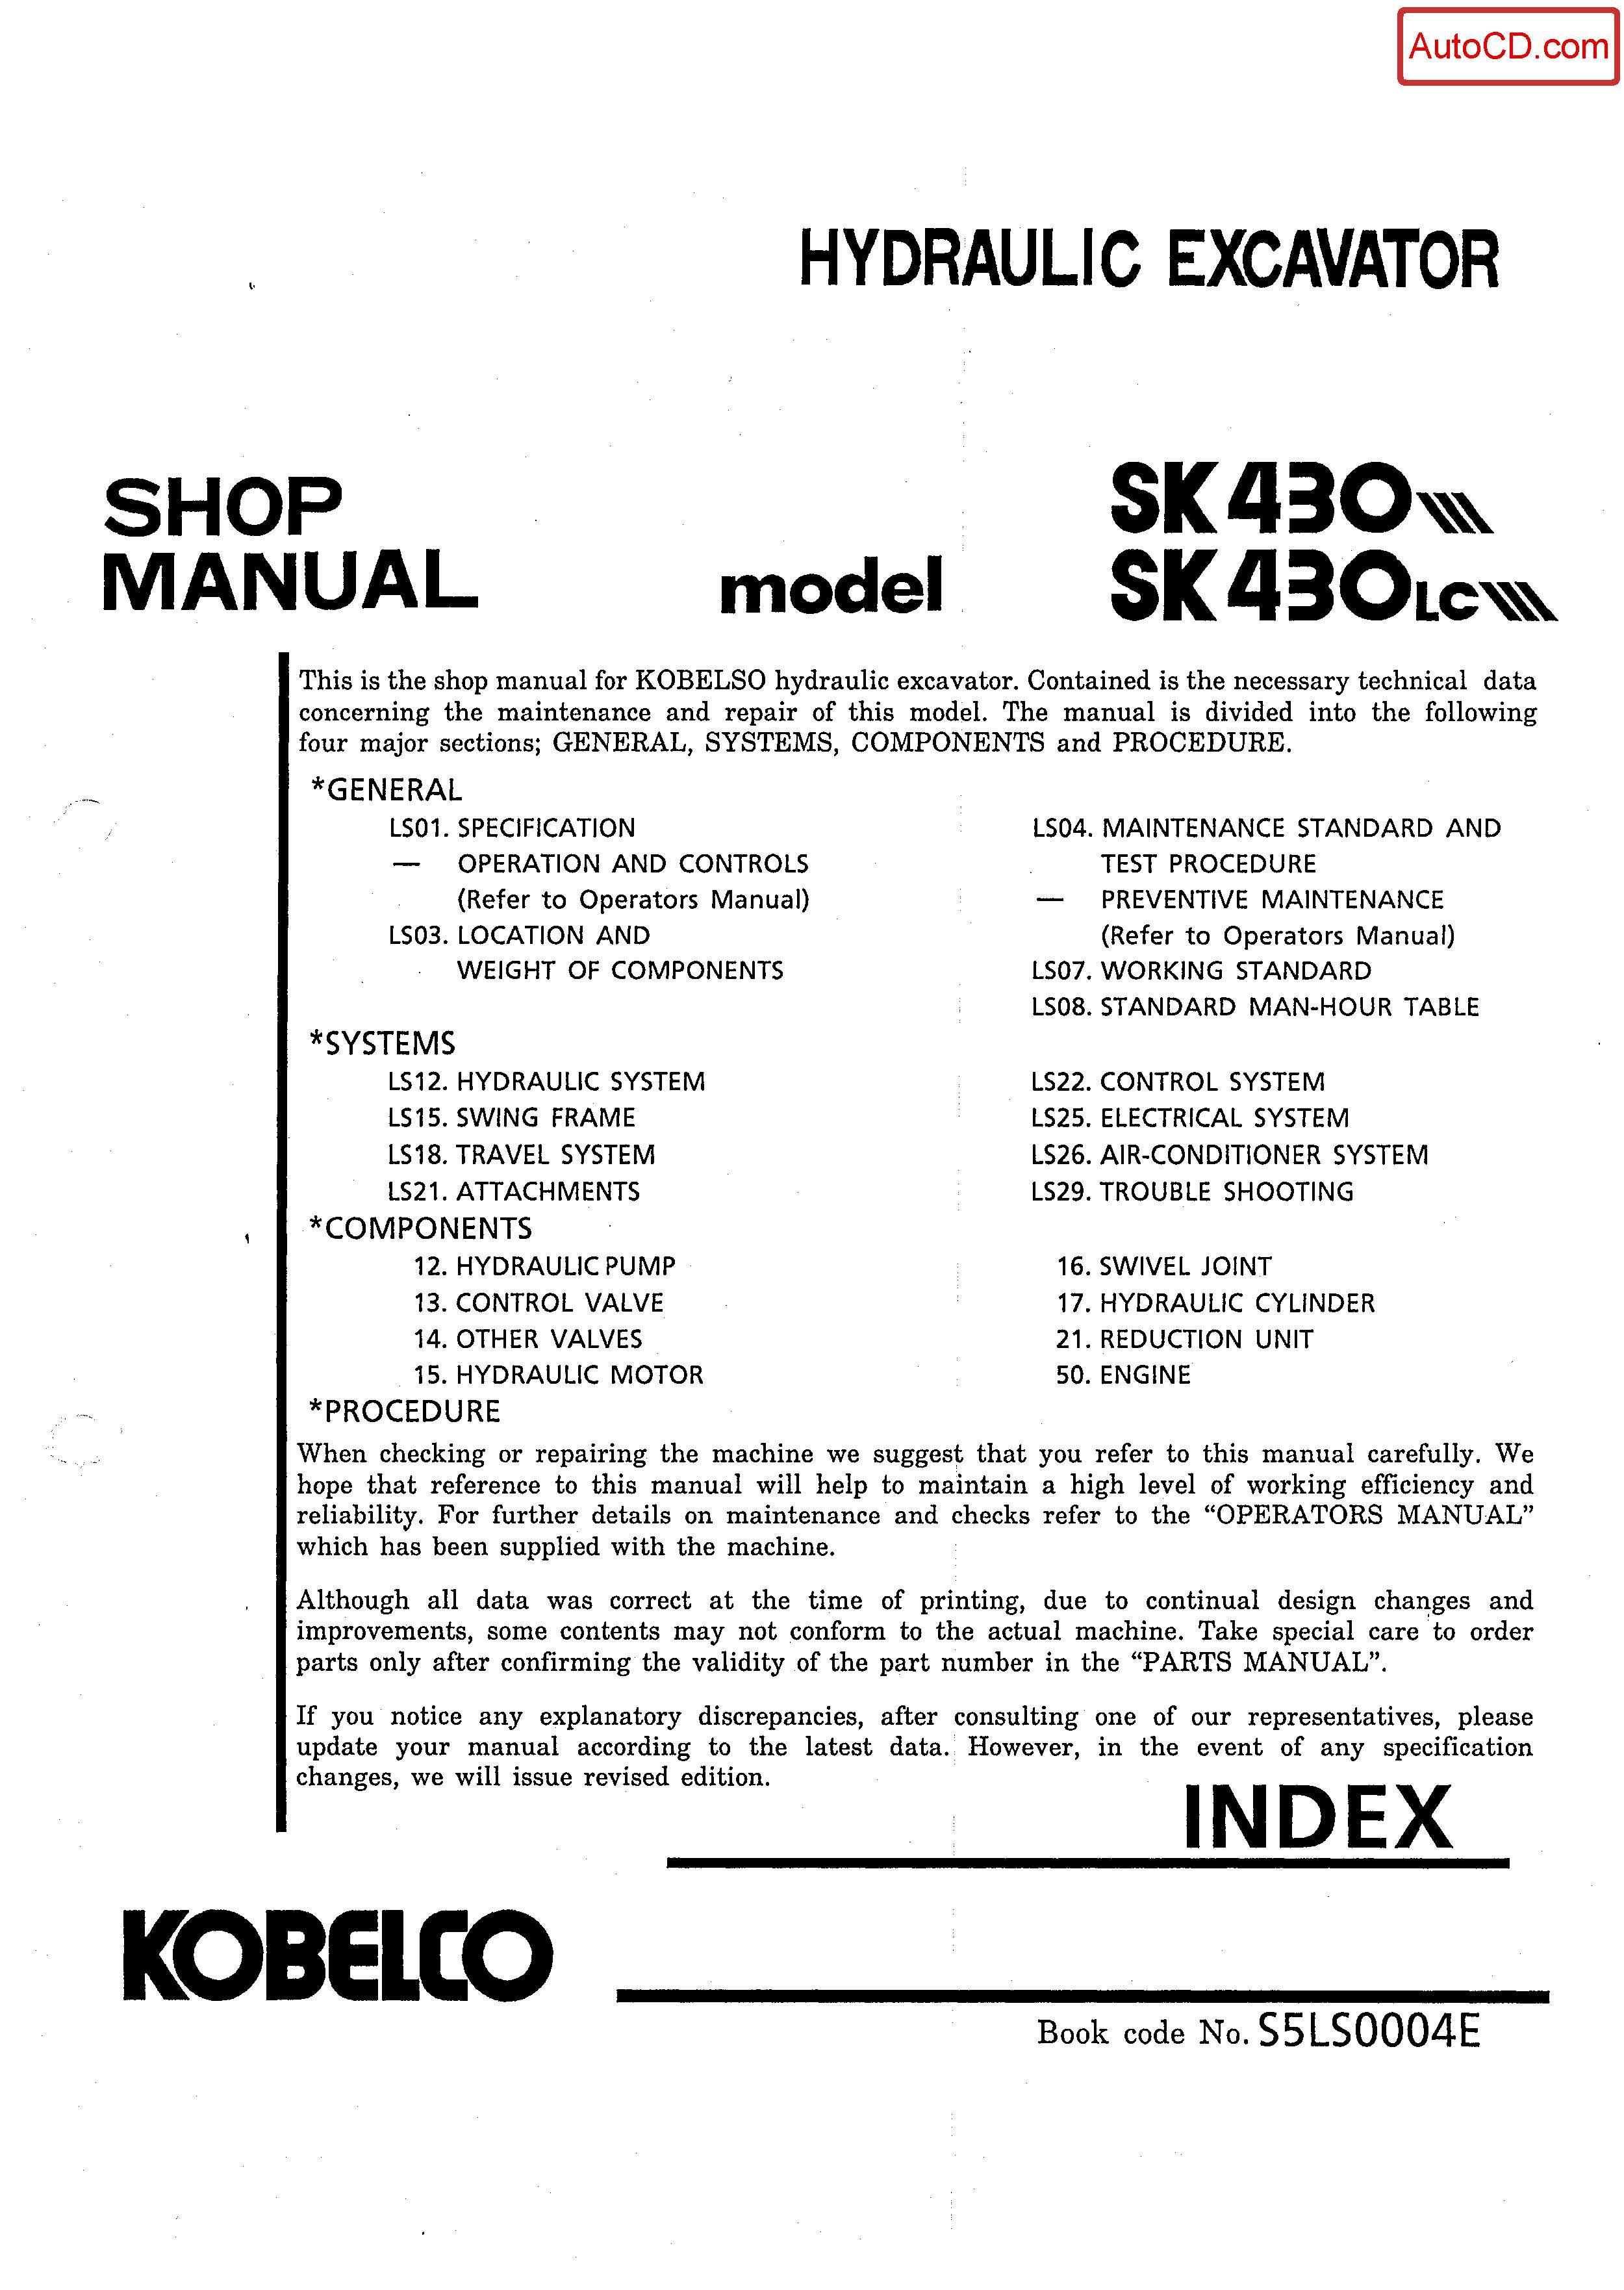 หนังสือ คู่มือซ่อม Kobelco Hydraulic Excavator SK430-III , SK430(LC)-III (ข้อมูลทั่วไป ค่าสเปคต่างๆ วงจรไฟฟ้า วงจรไฮดรอลิกส์)